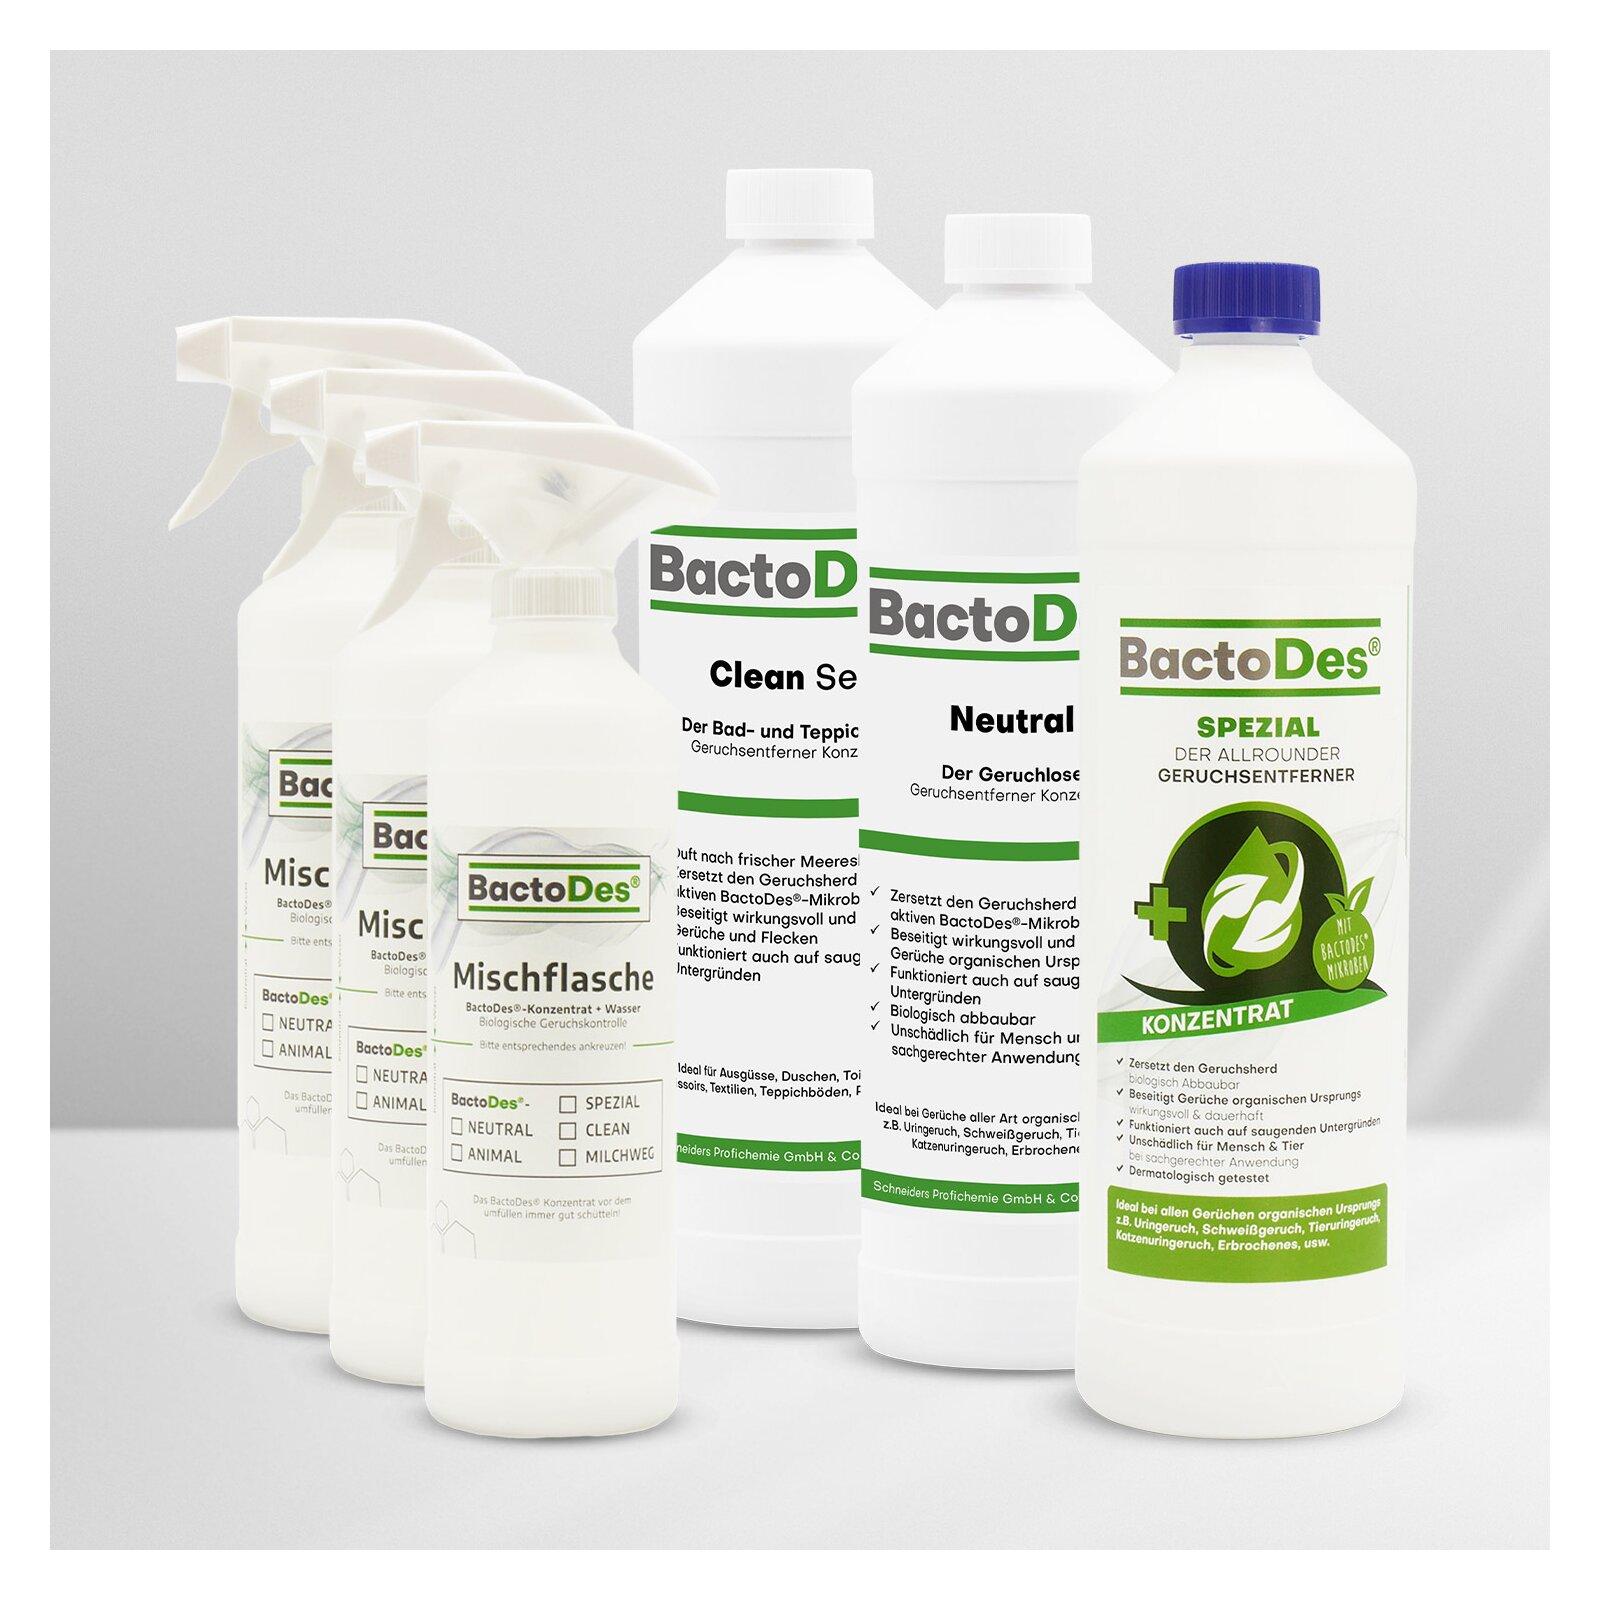 BactoDes-3-er-Set 'Clean-Spezial-Neutral' incl. 3 Misch- und Sprühflaschen